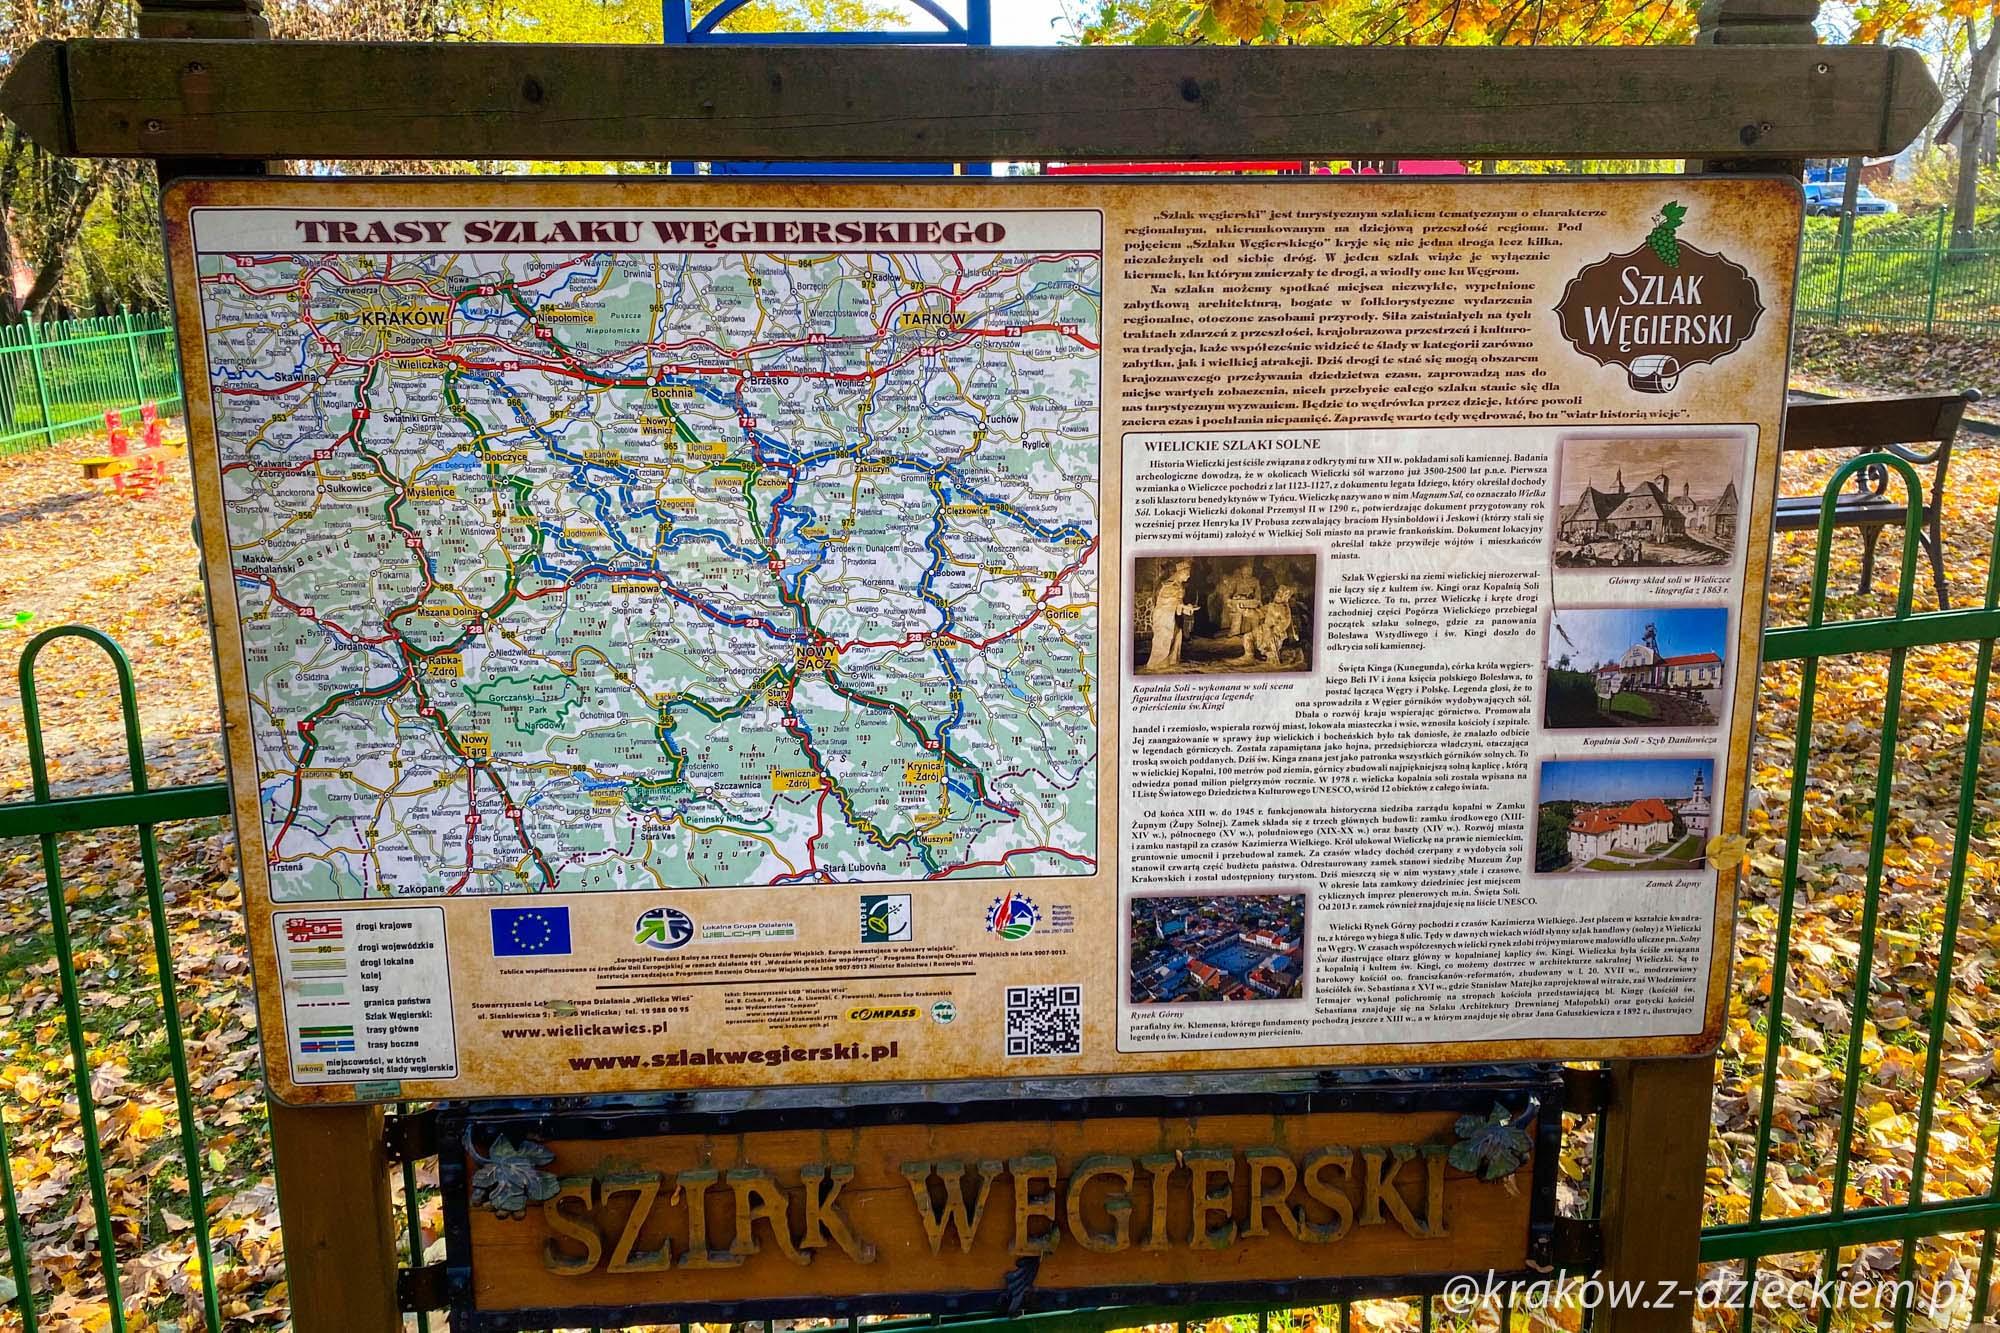 szlak węgierski